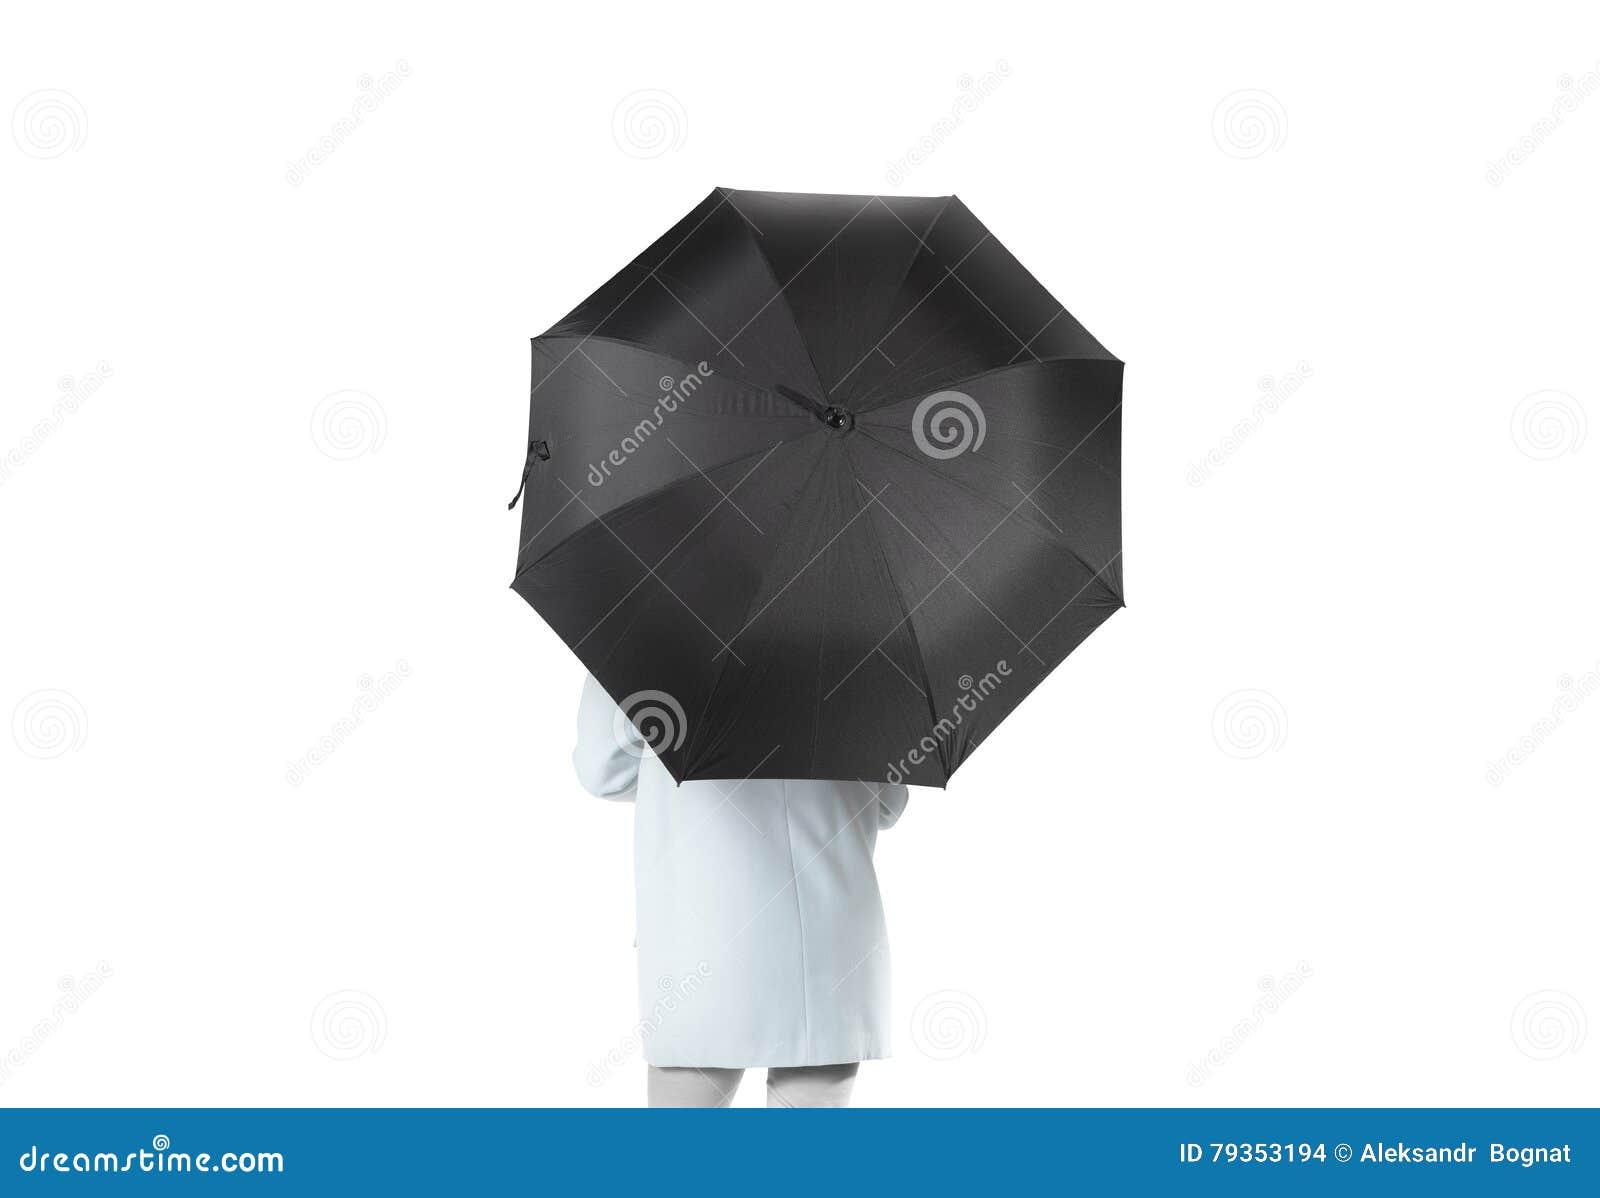 De vrouwen bevinden zich achteruit met zwart leeg paraplu geopend model